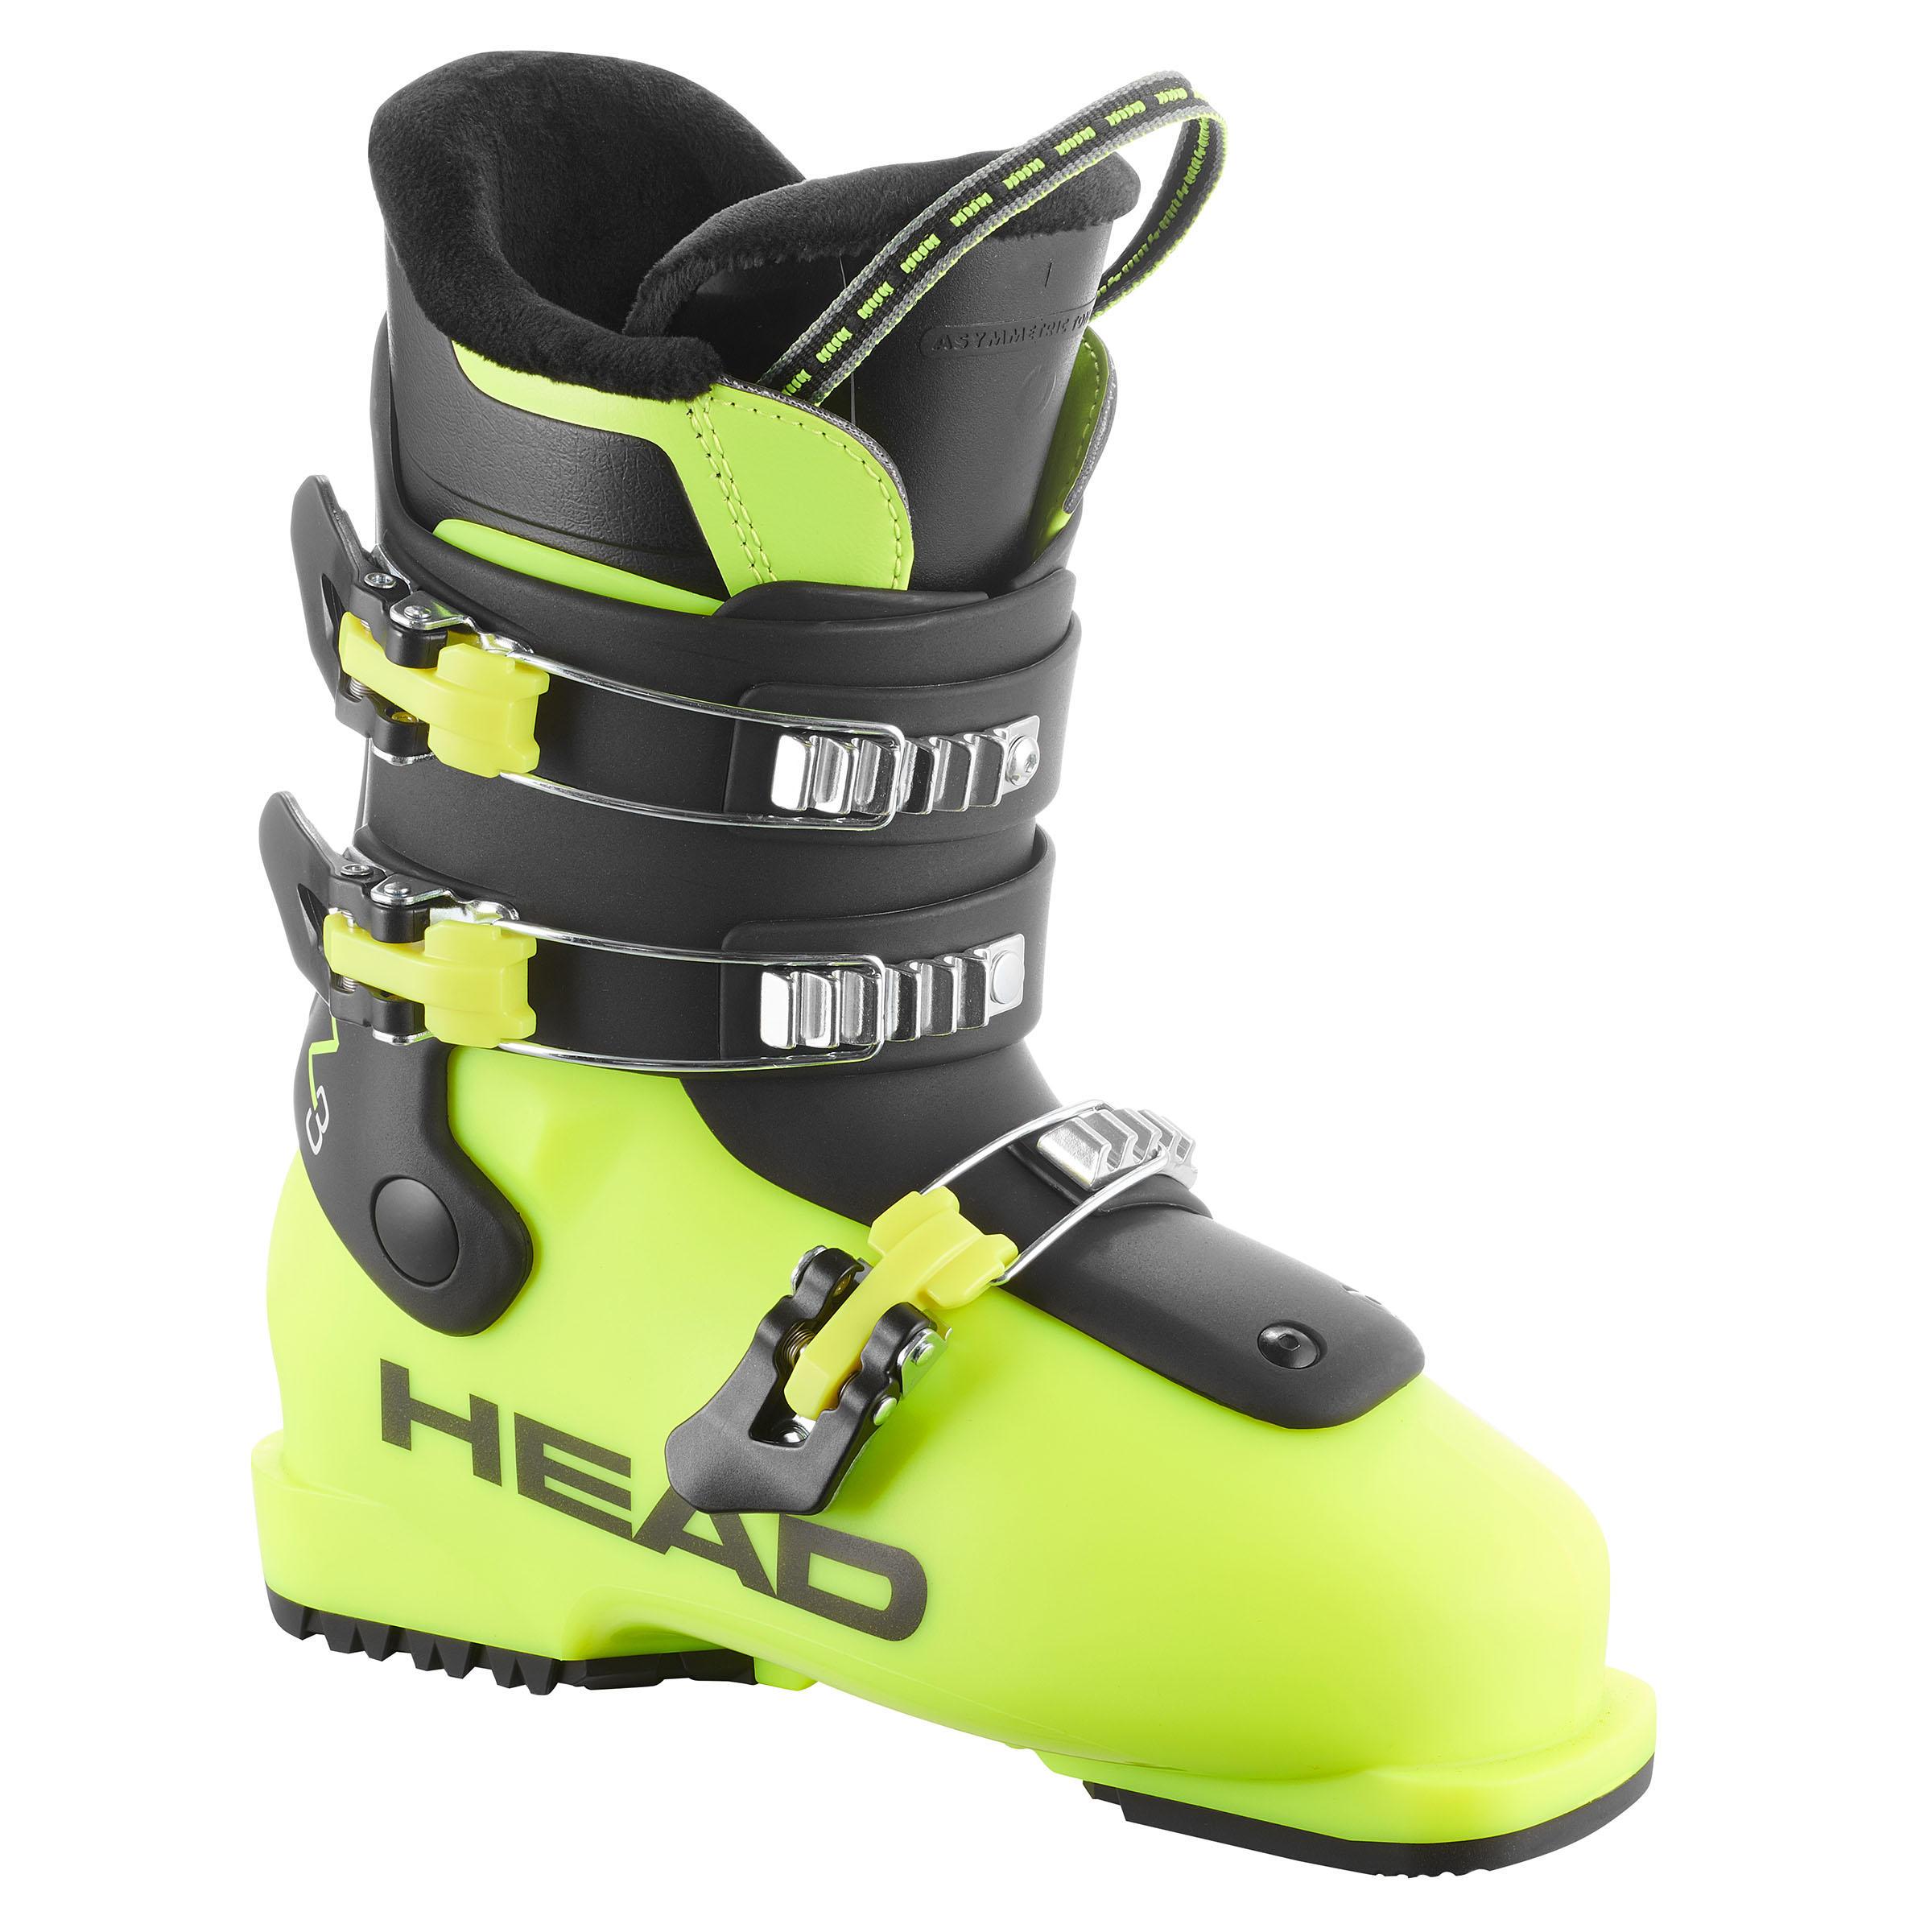 Head Skischoenen voor kinderen Z3 wit thumbnail